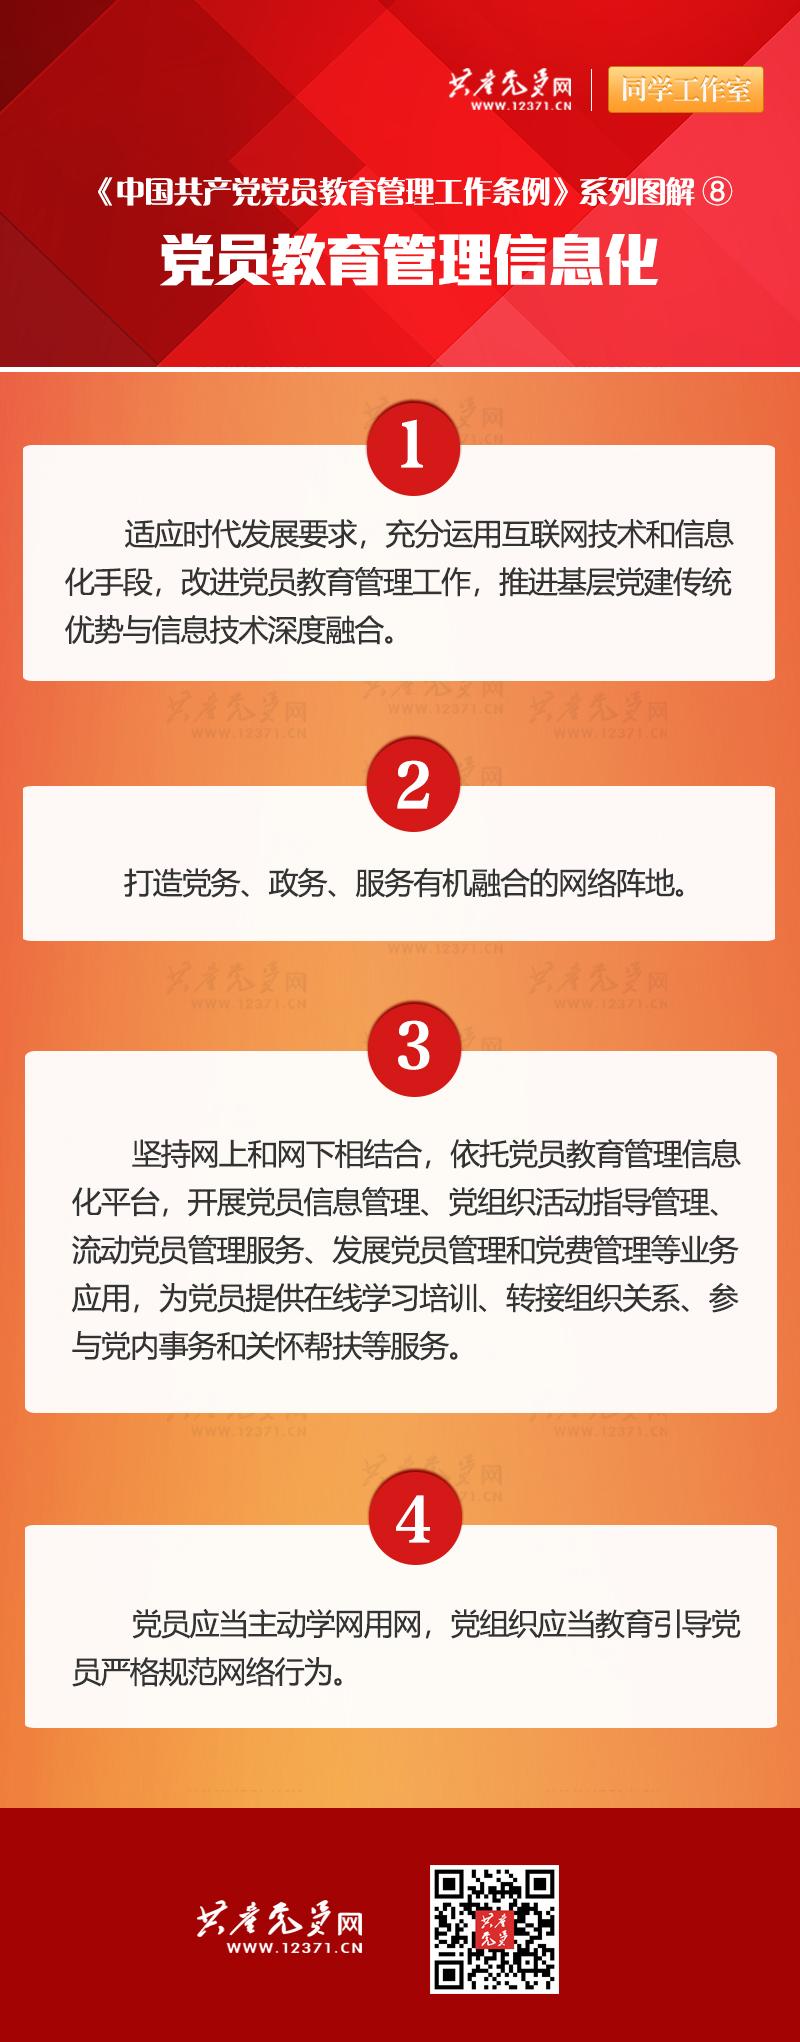 中国共产党党员教育管理工作条例系列图解⑧党员教育管理信息化